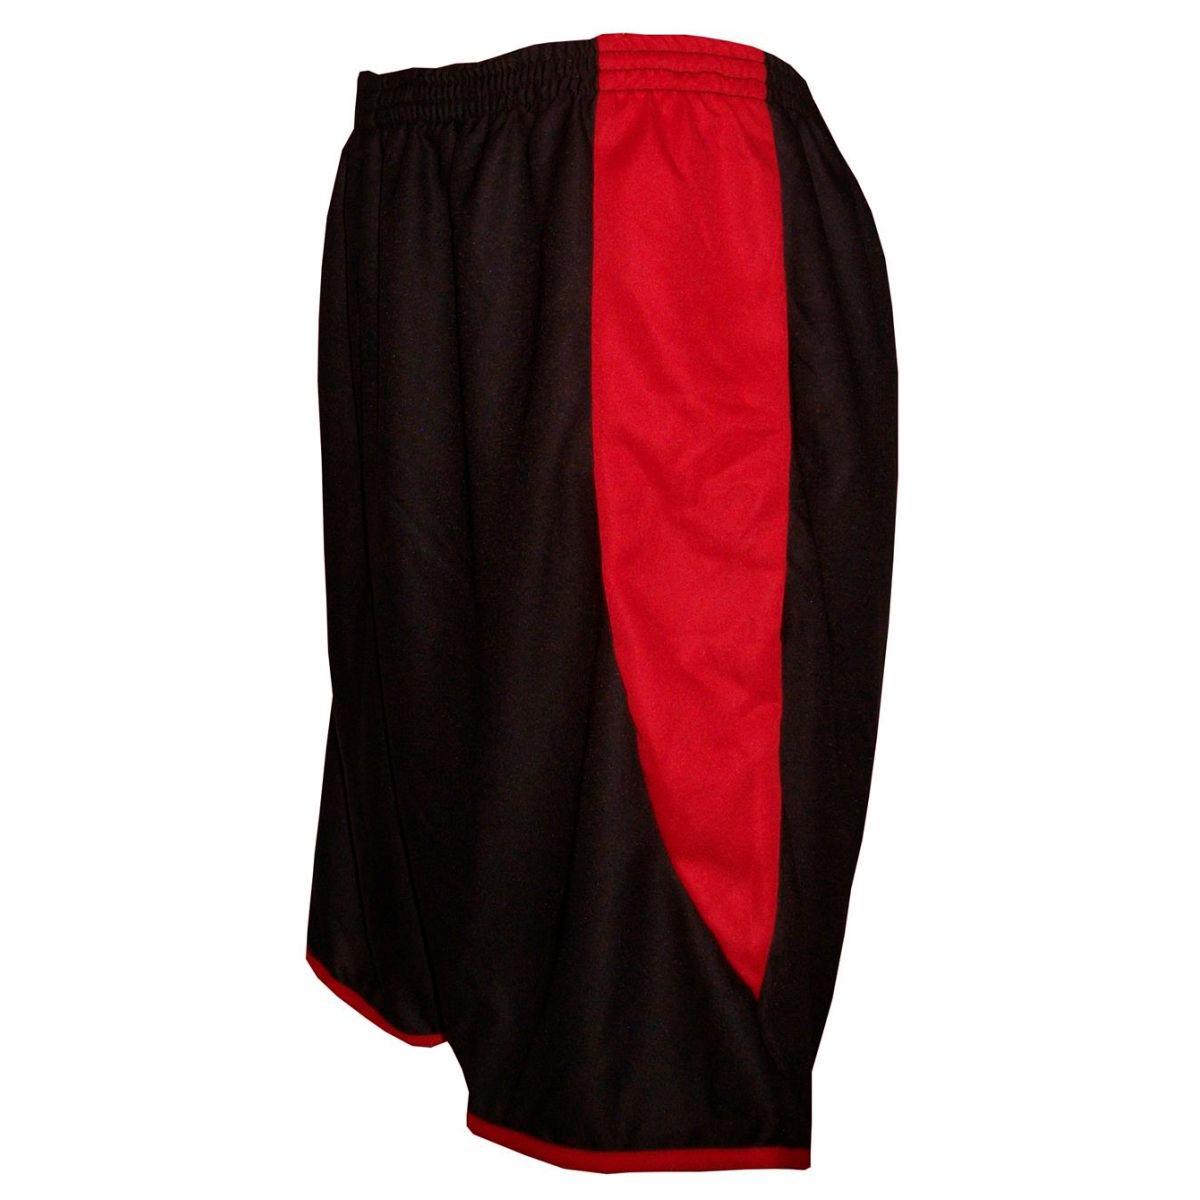 Uniforme Esportivo Completo modelo Sporting 14+1 (14 camisas Preto/Branco/Vermelho + 14 calções modelo Copa Preto/Vermelho + 14 pares de meiões Preto + 1 conjunto de goleiro) + Brindes